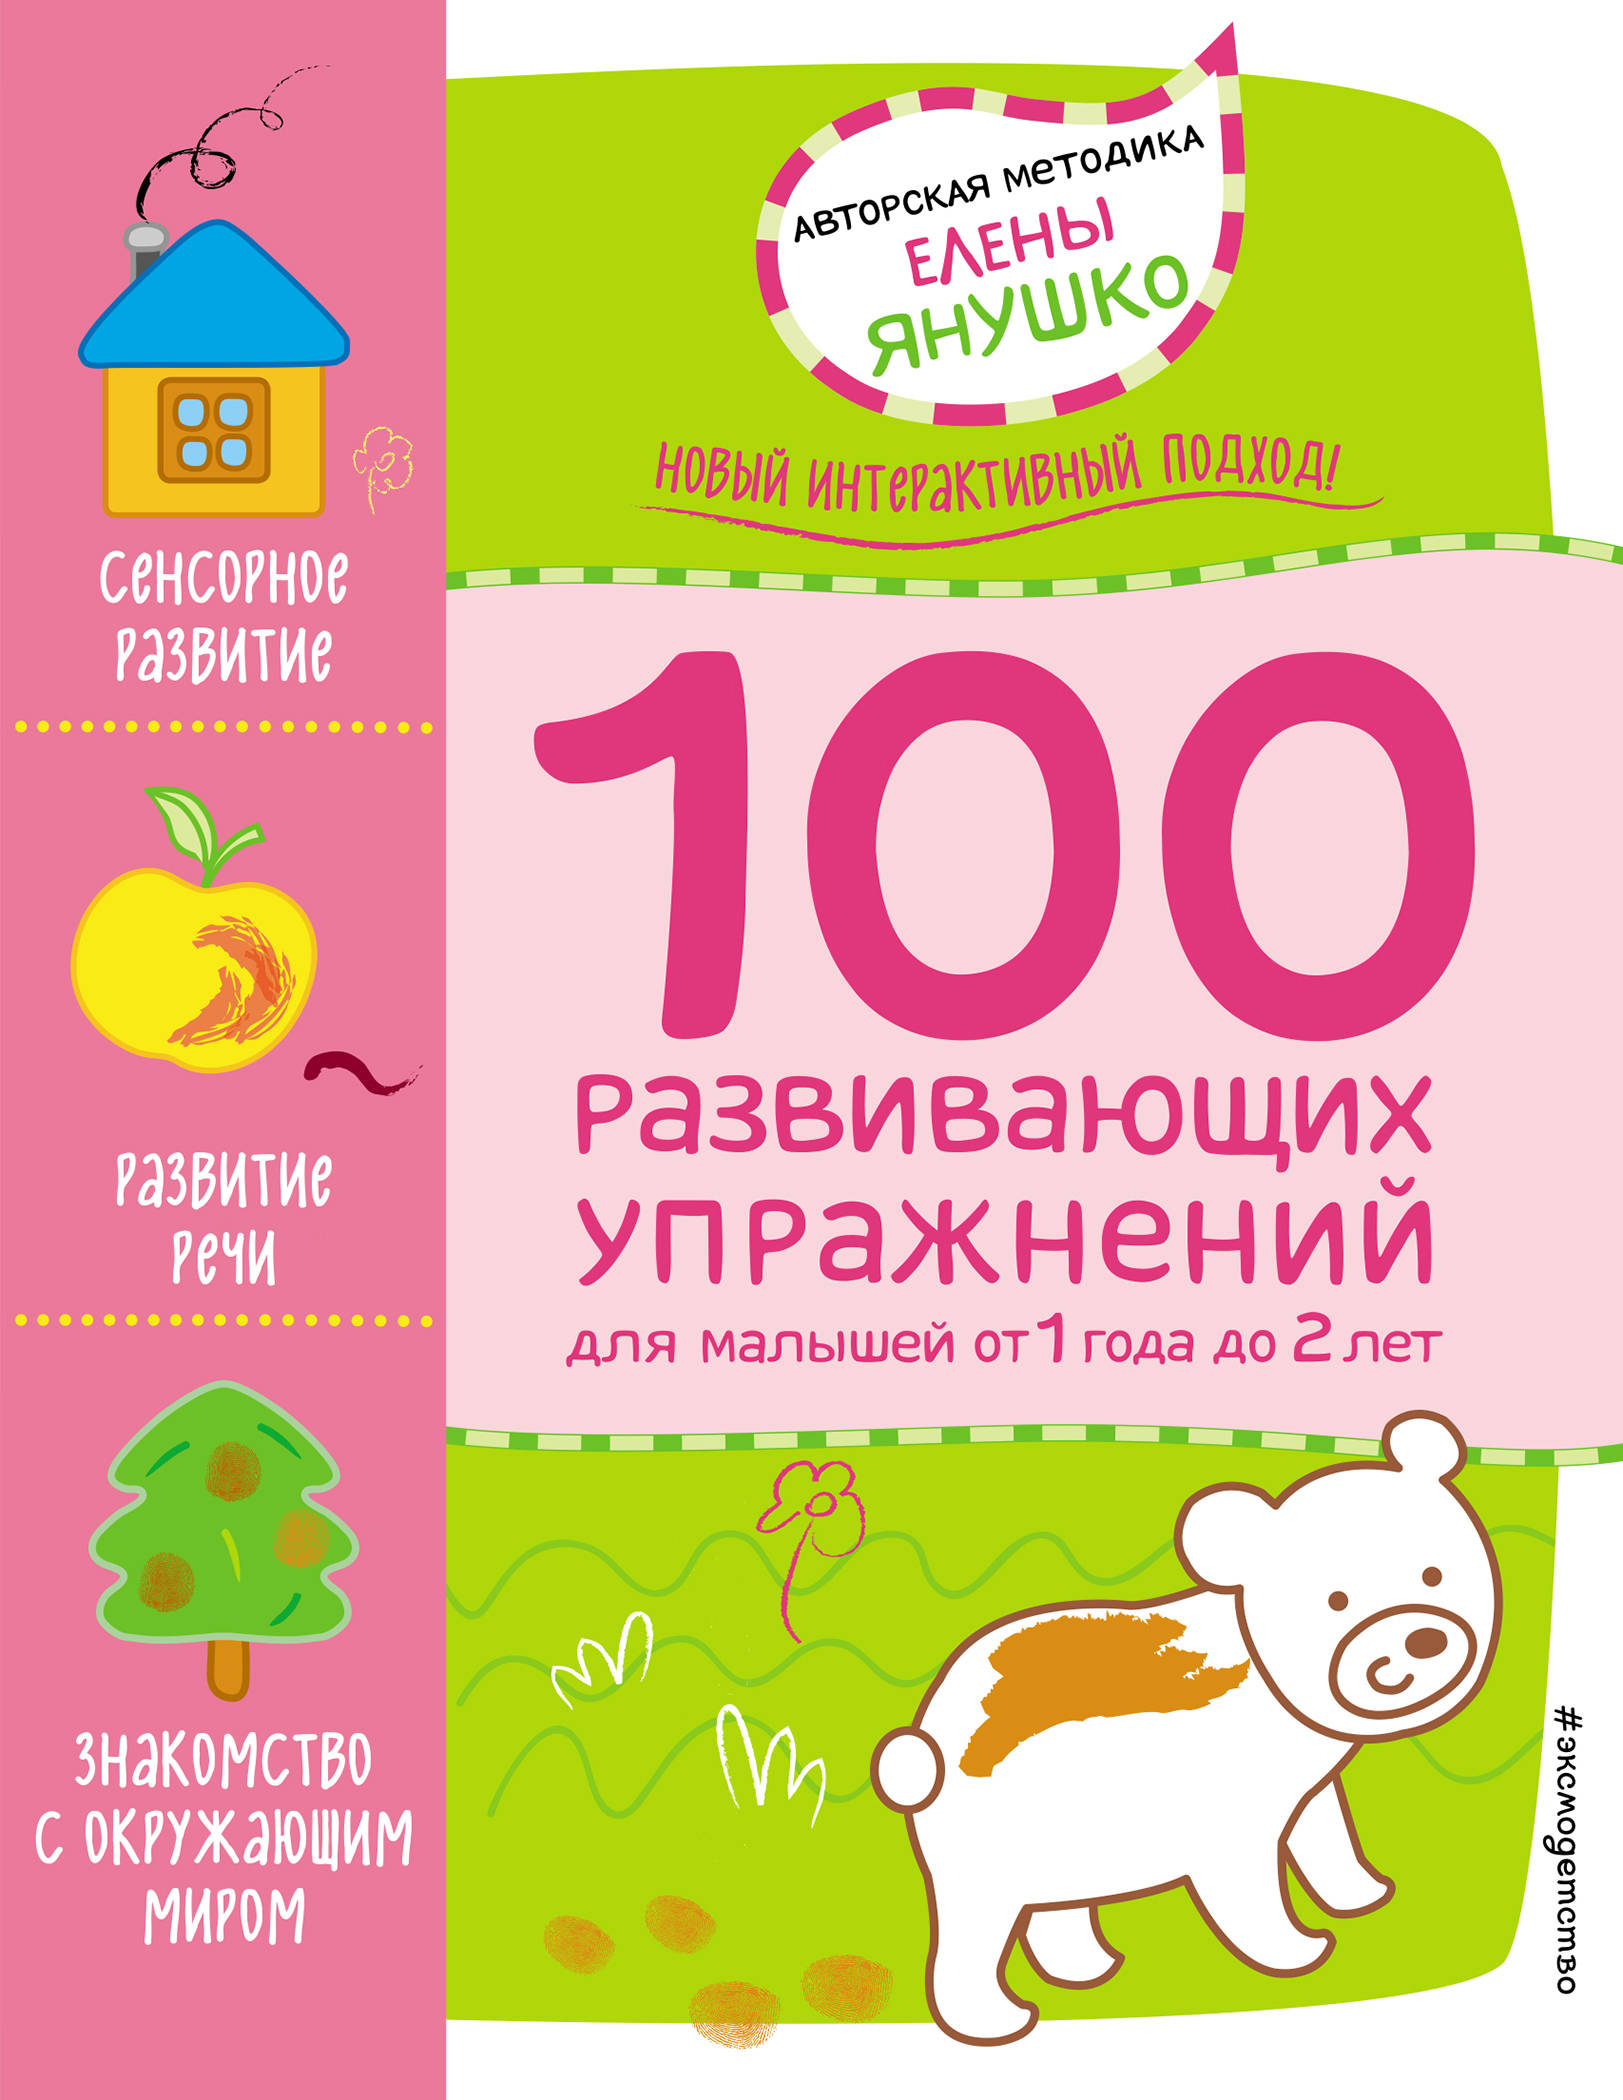 Елена Янушко. 1+ 100 развивающих упражнений для малышей от 1 года до 2 лет